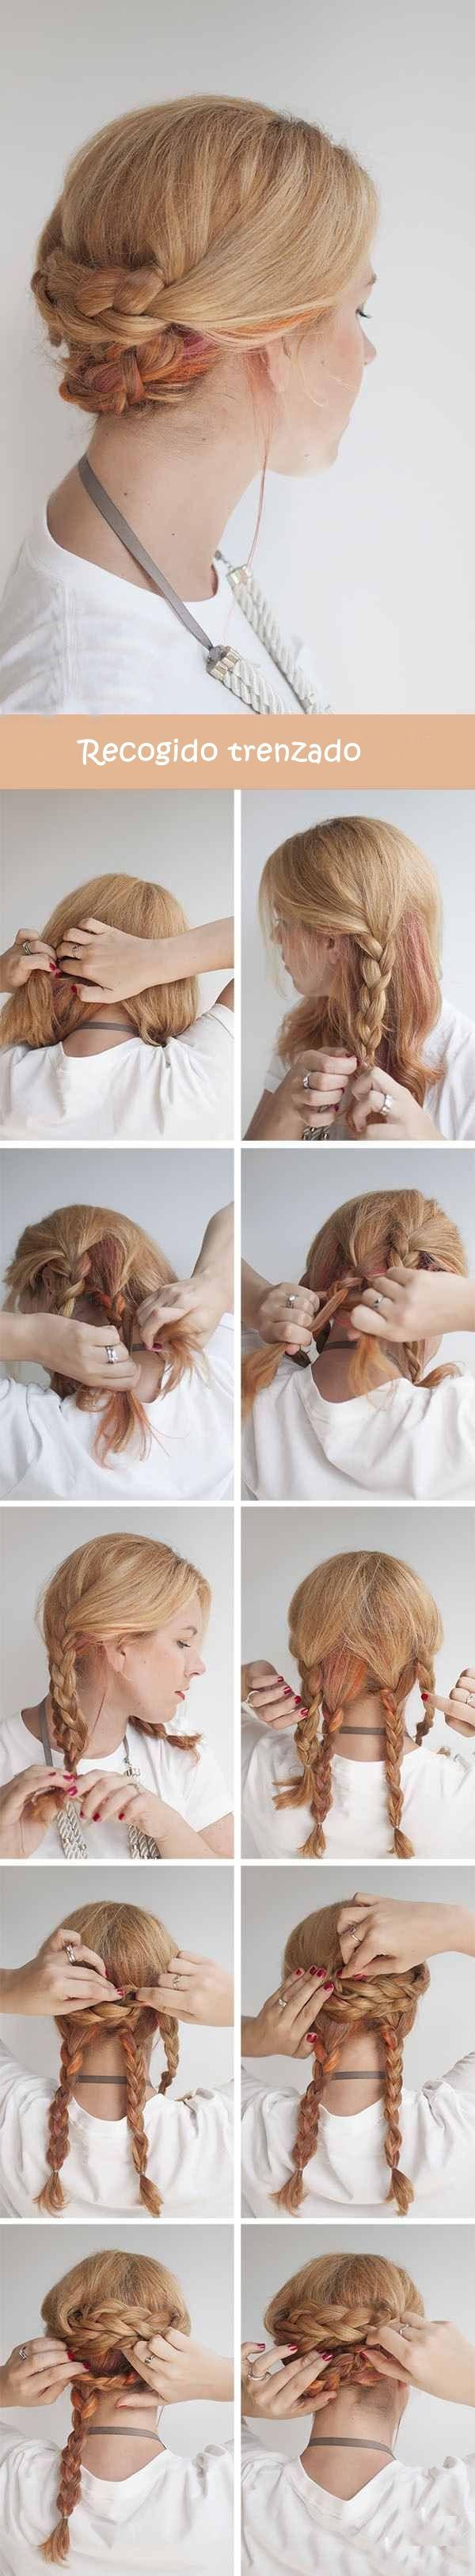 Recogidos sencillos para vestidos strapless hair style makeup and